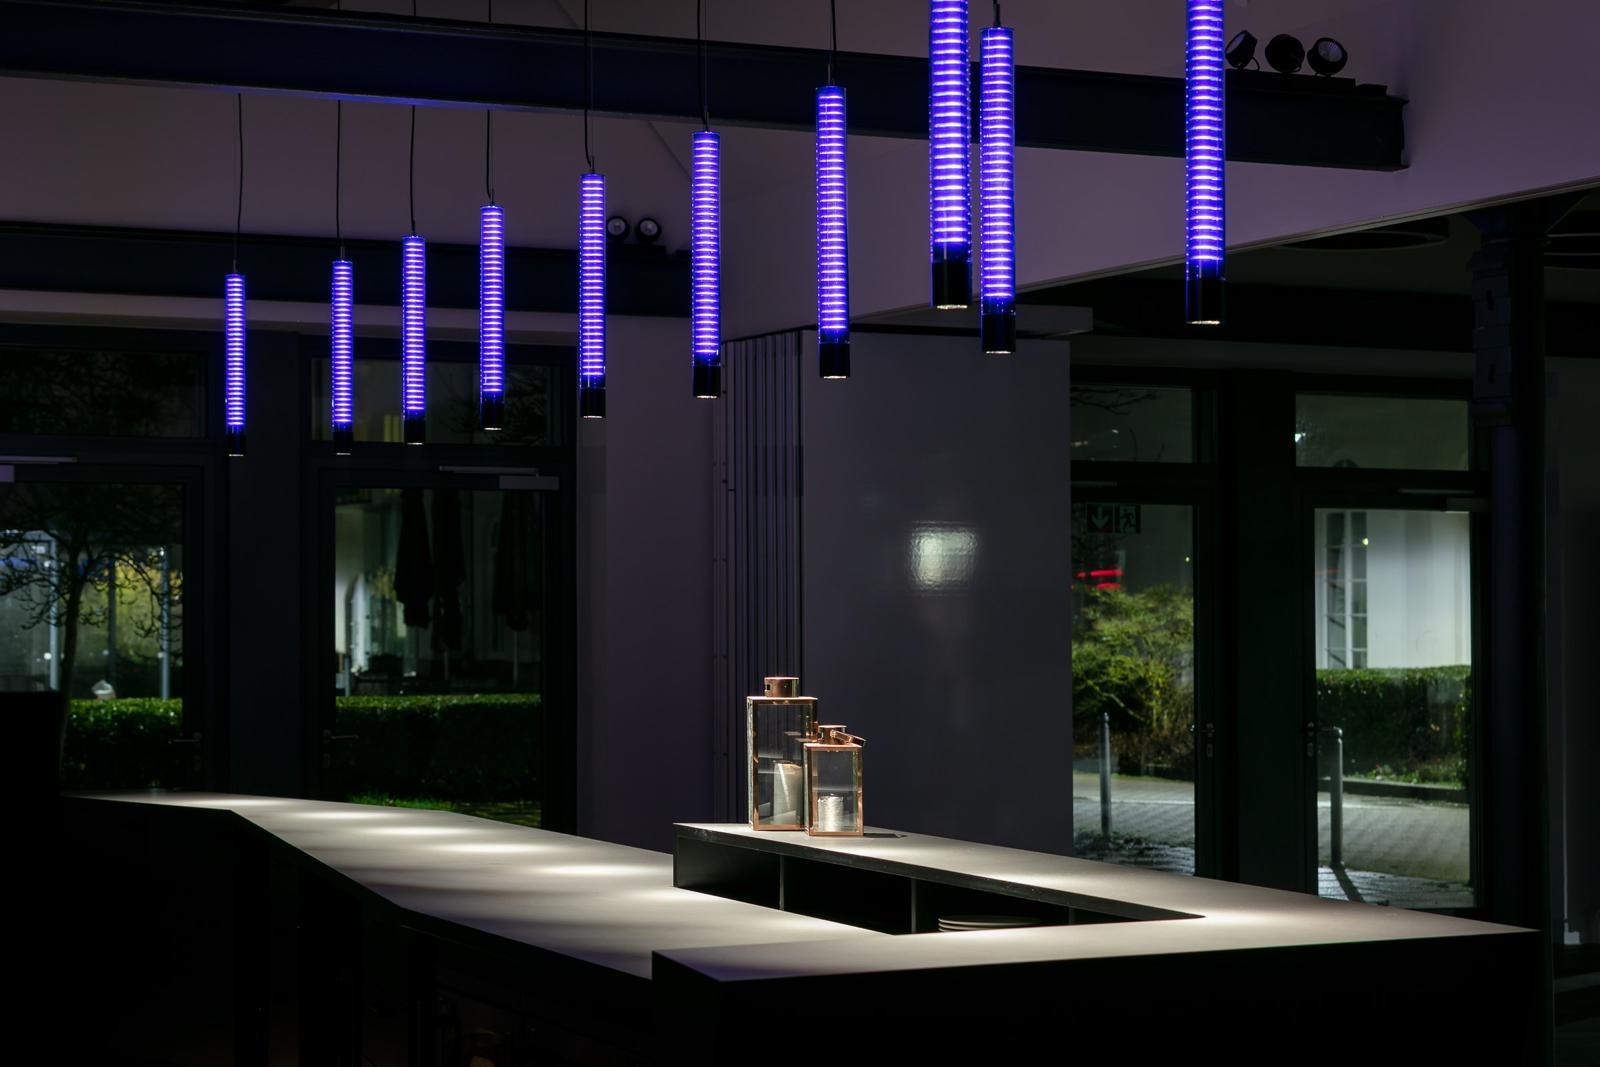 Pendelleuchte kombinierte Akzent- und Umgebungsbeleuchtung in einer Pendelleuchte